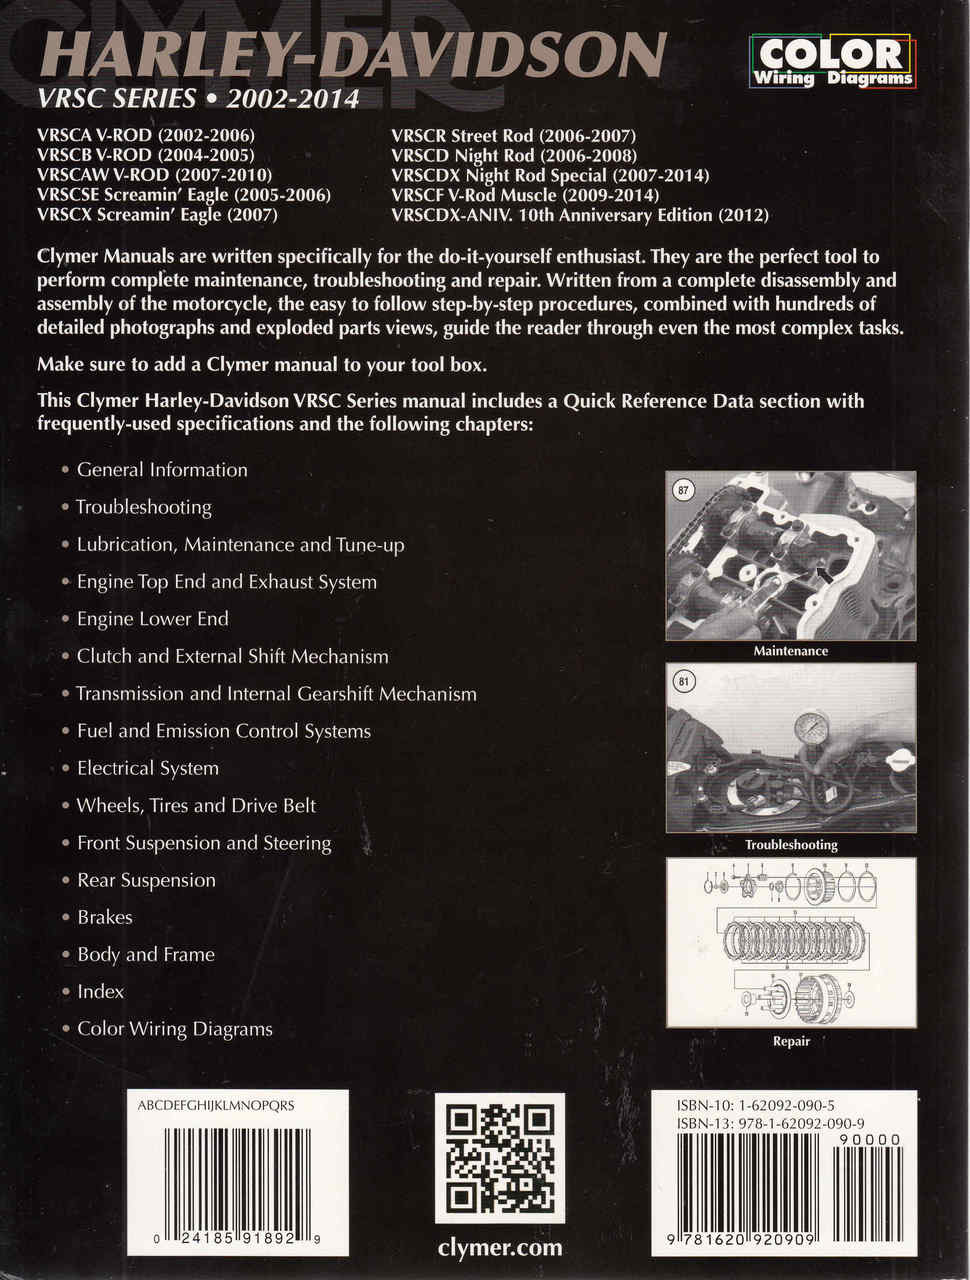 harley-davidson vrsc series 2002 - 2014 workshop manual